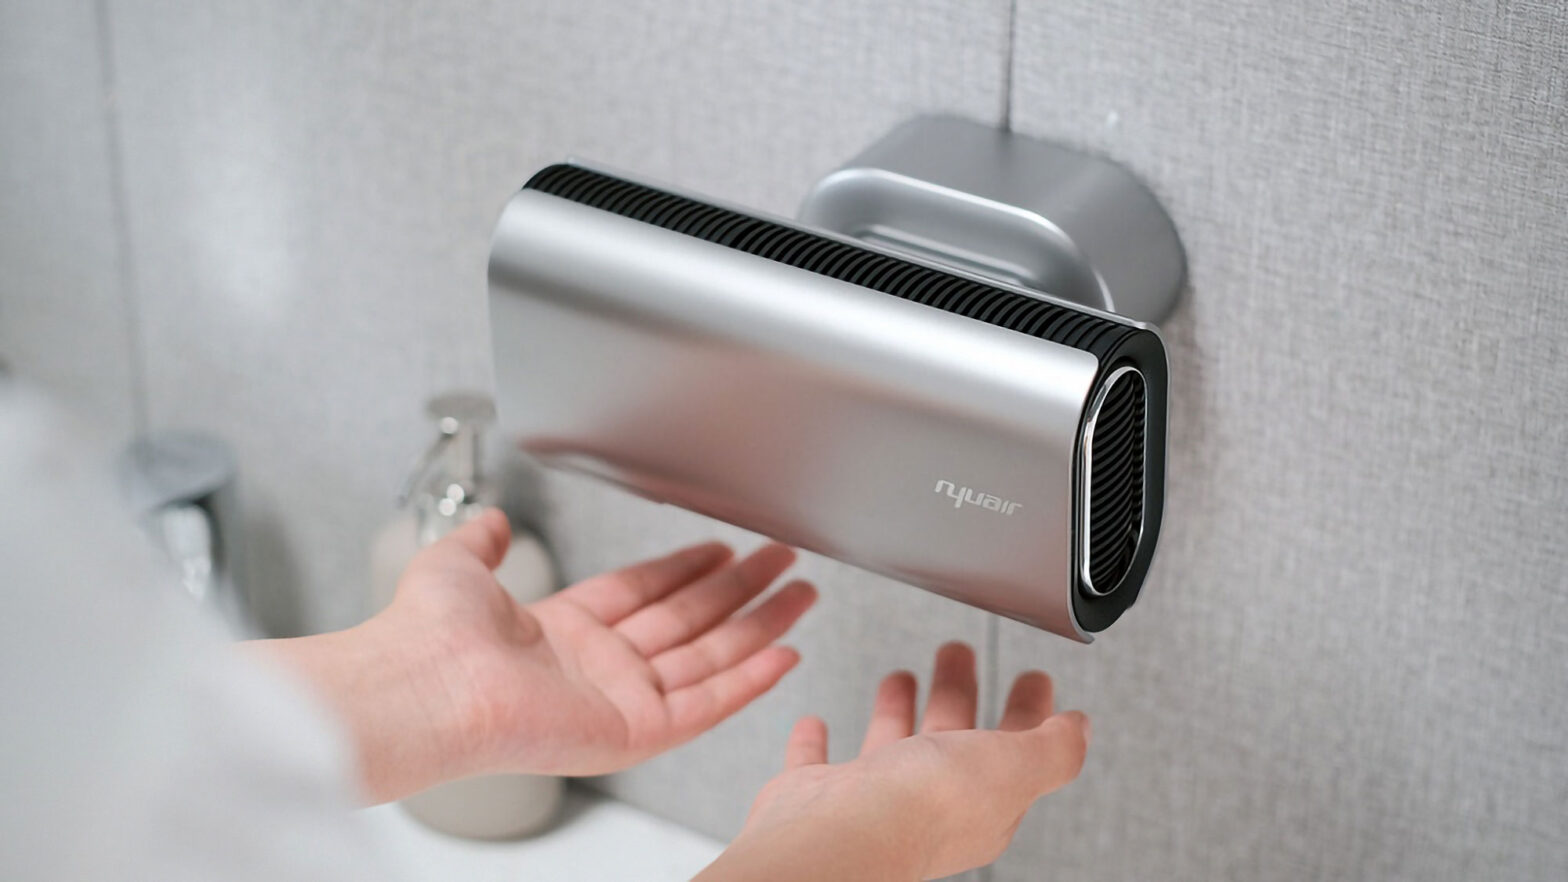 Nyuair Hand Dryer for Homes Kickstarter